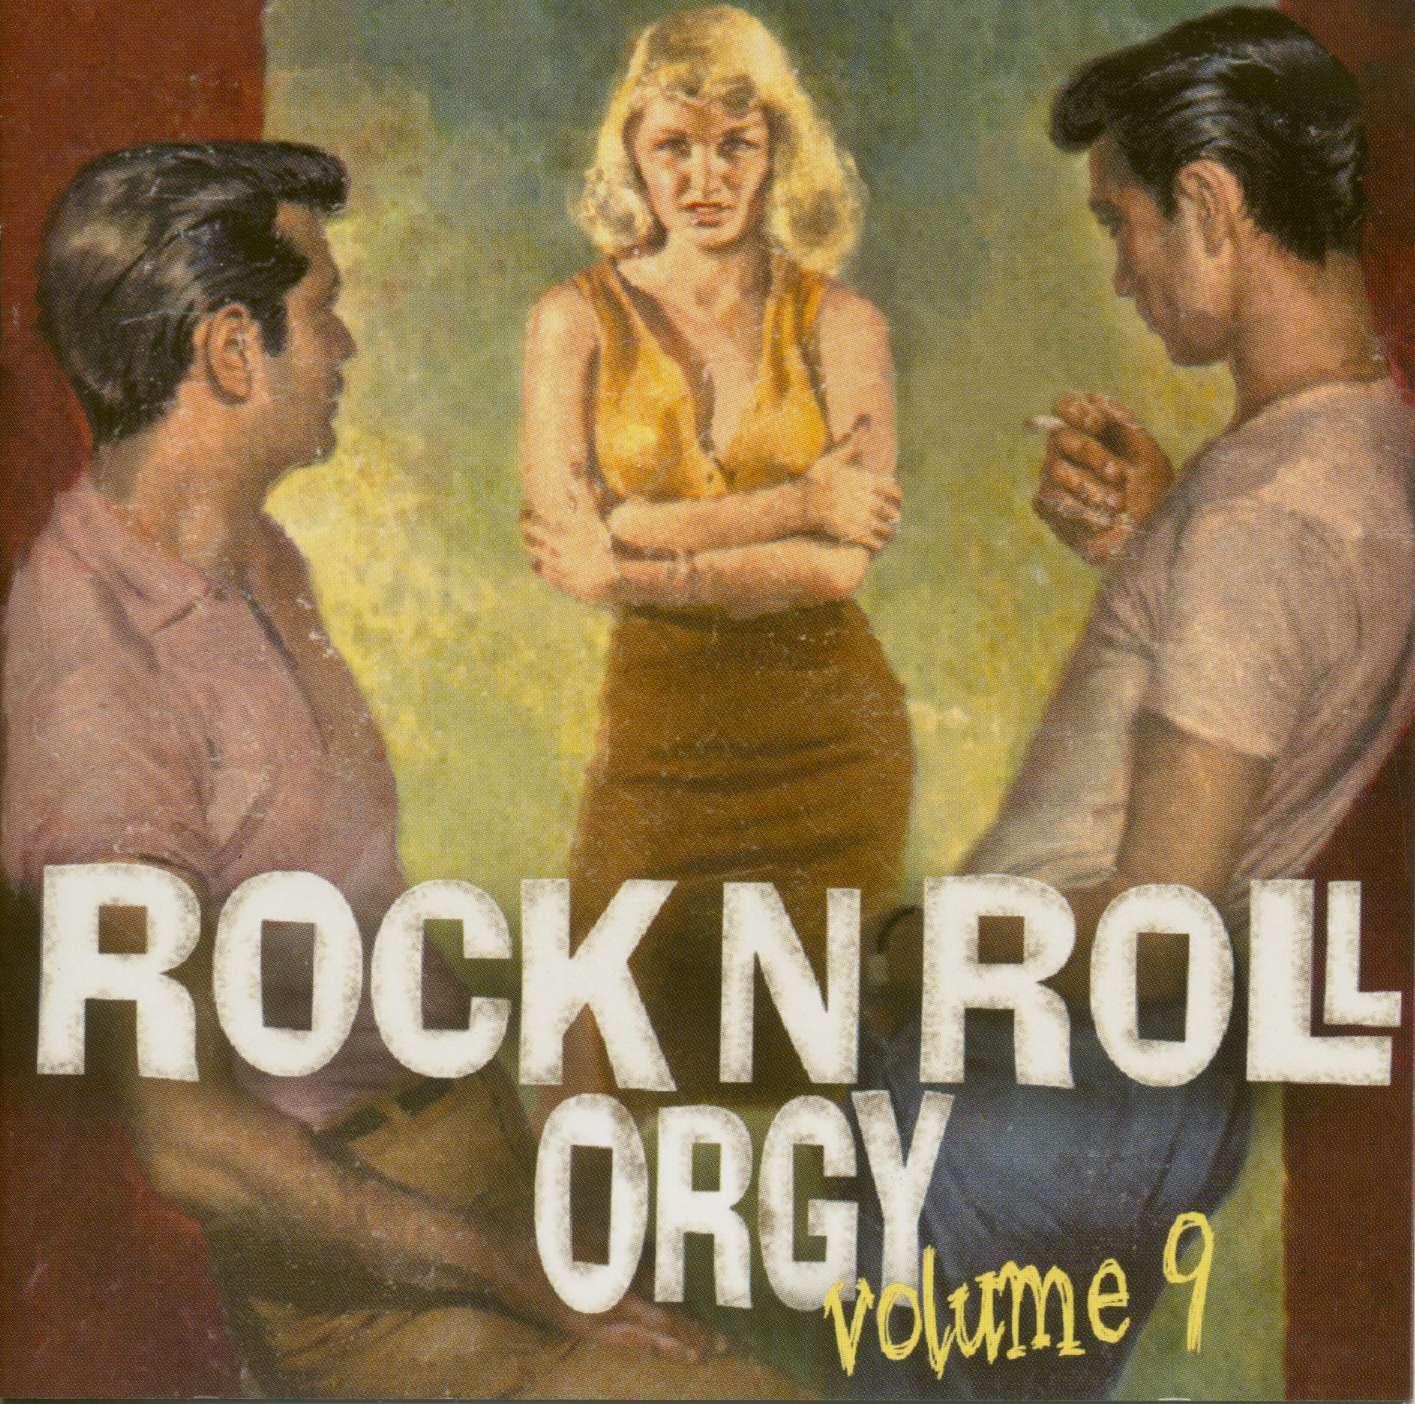 Something cd music orgy apologise